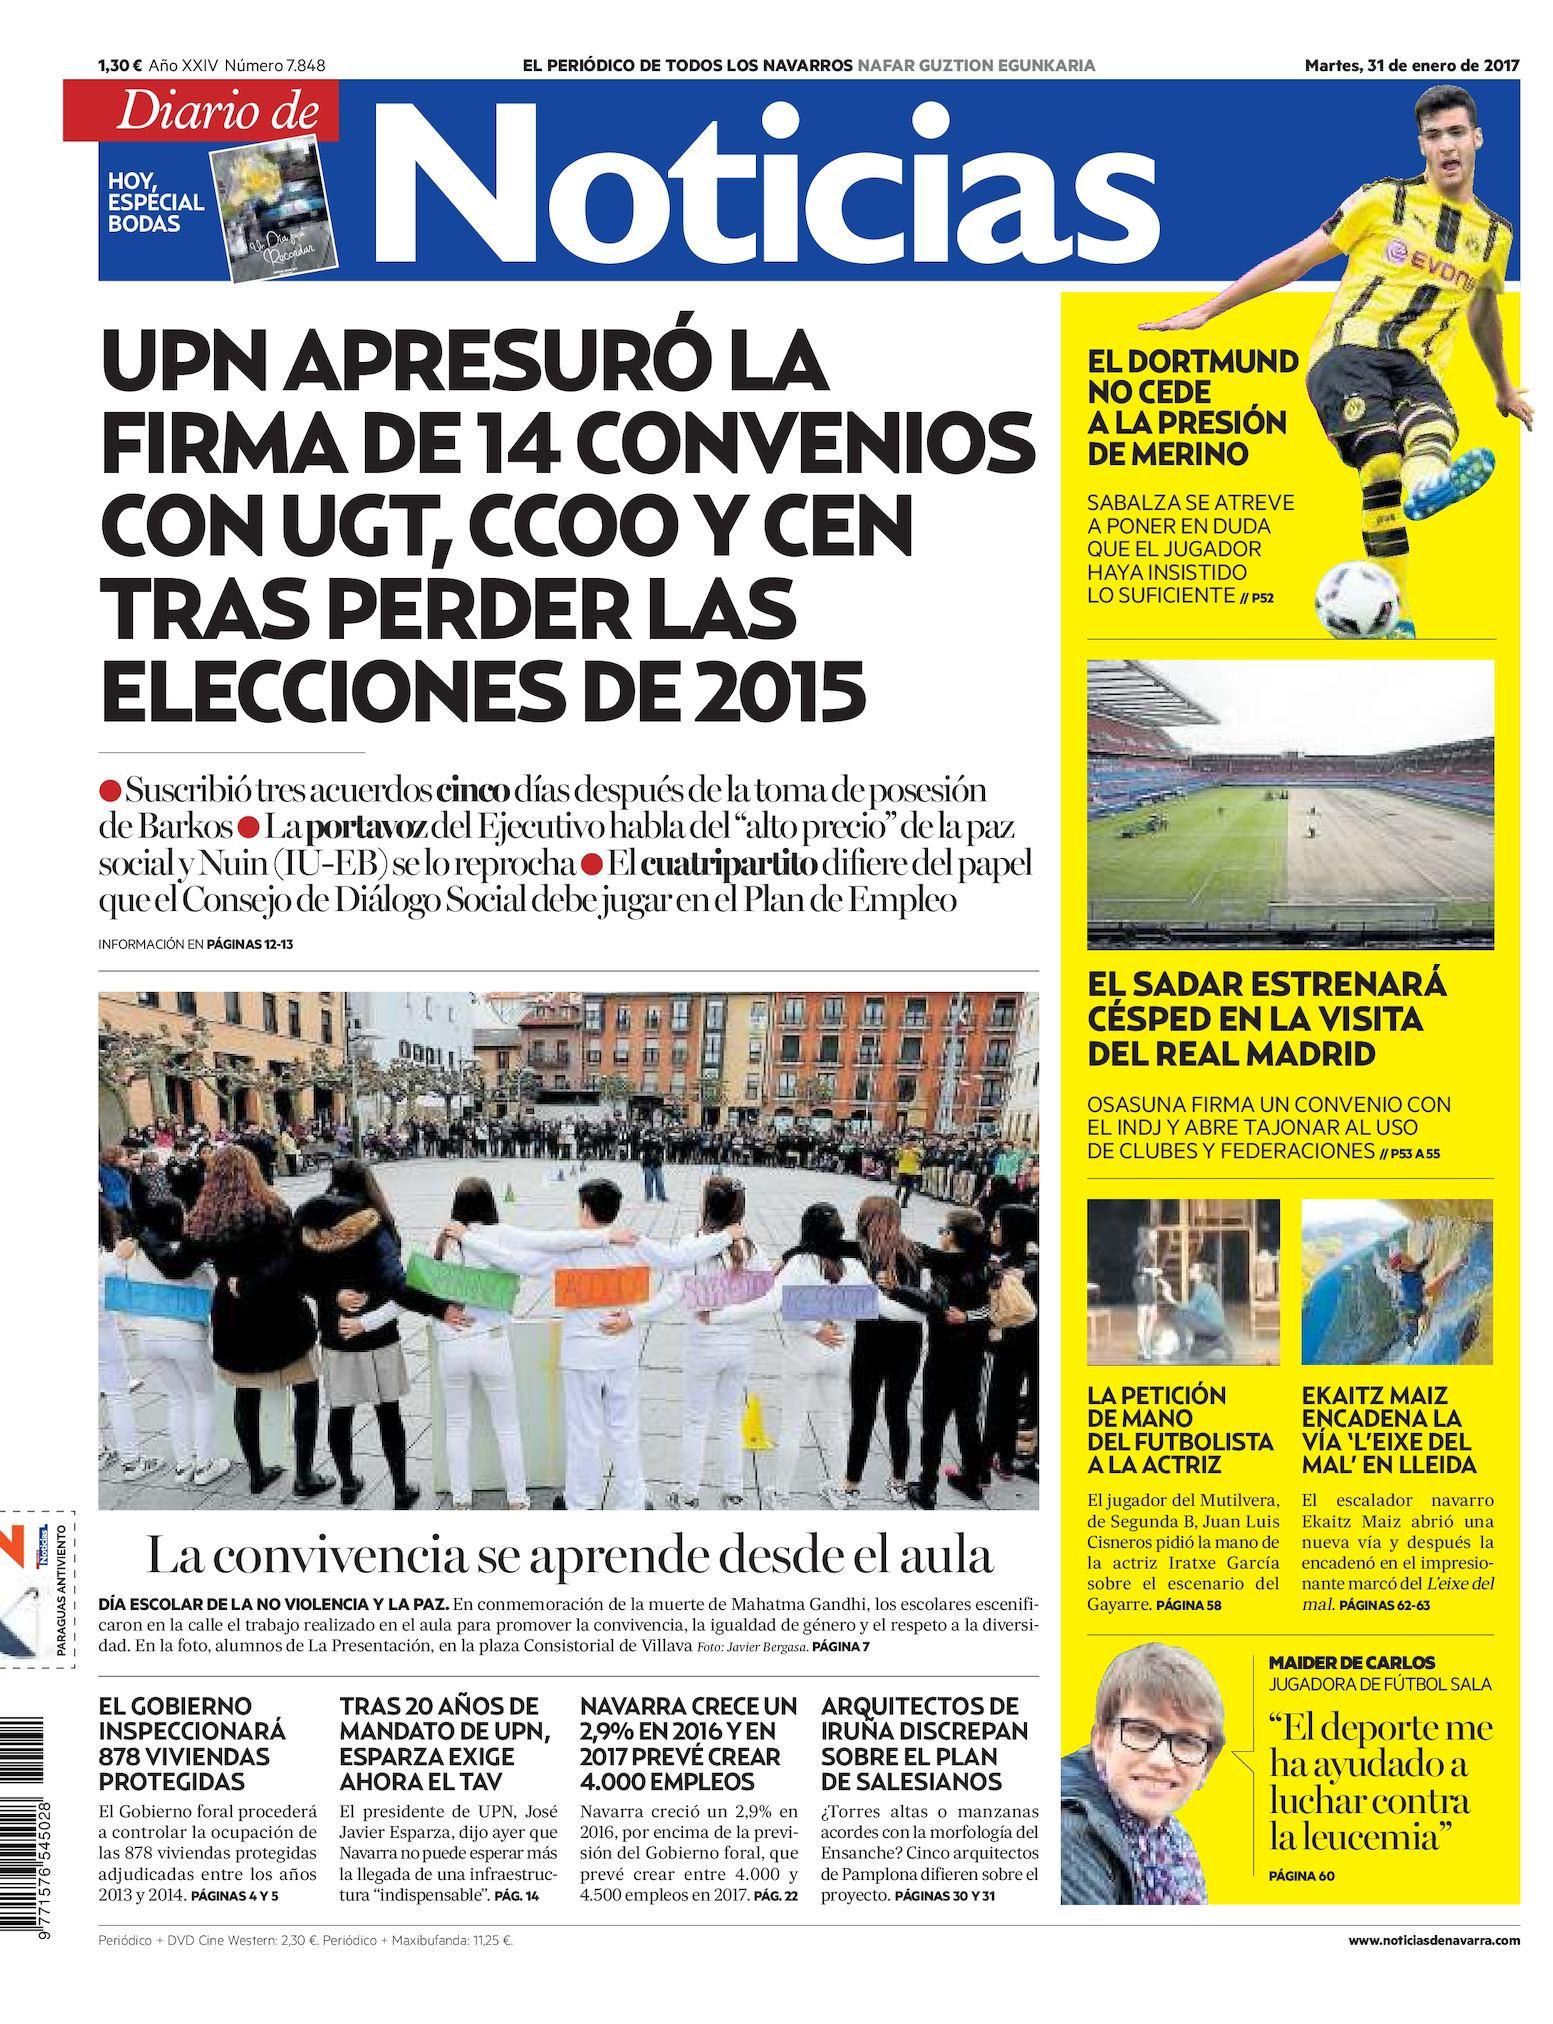 901d0da9e5 Calaméo - Diario de Noticias 20170131